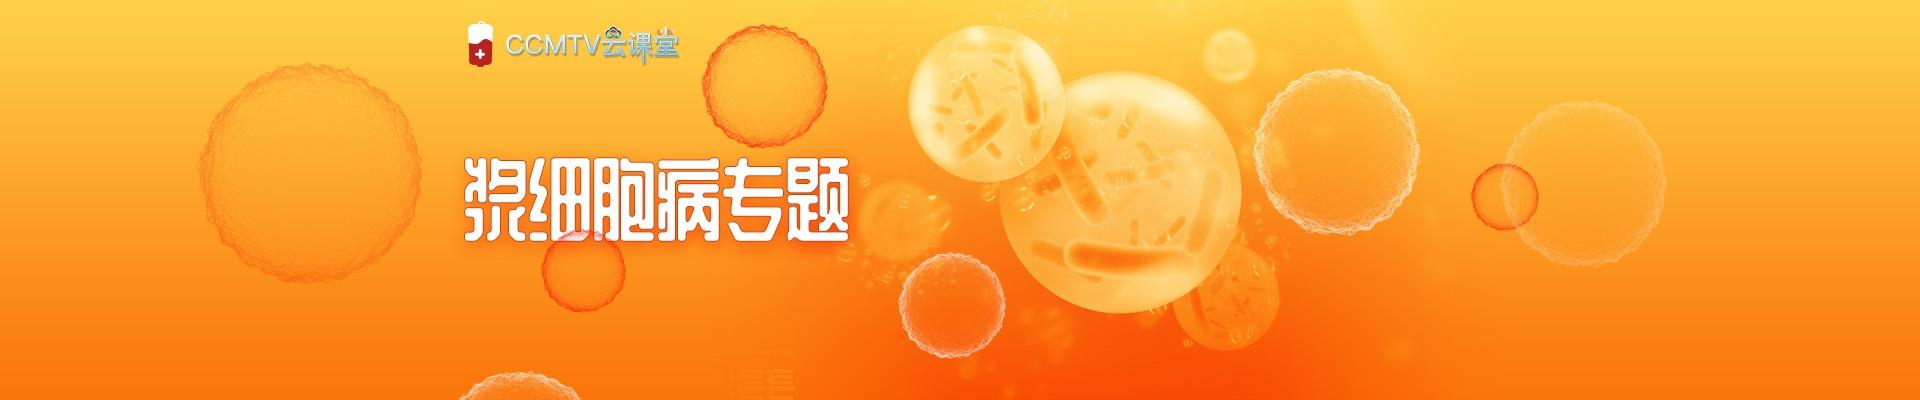 漿細胞病專題